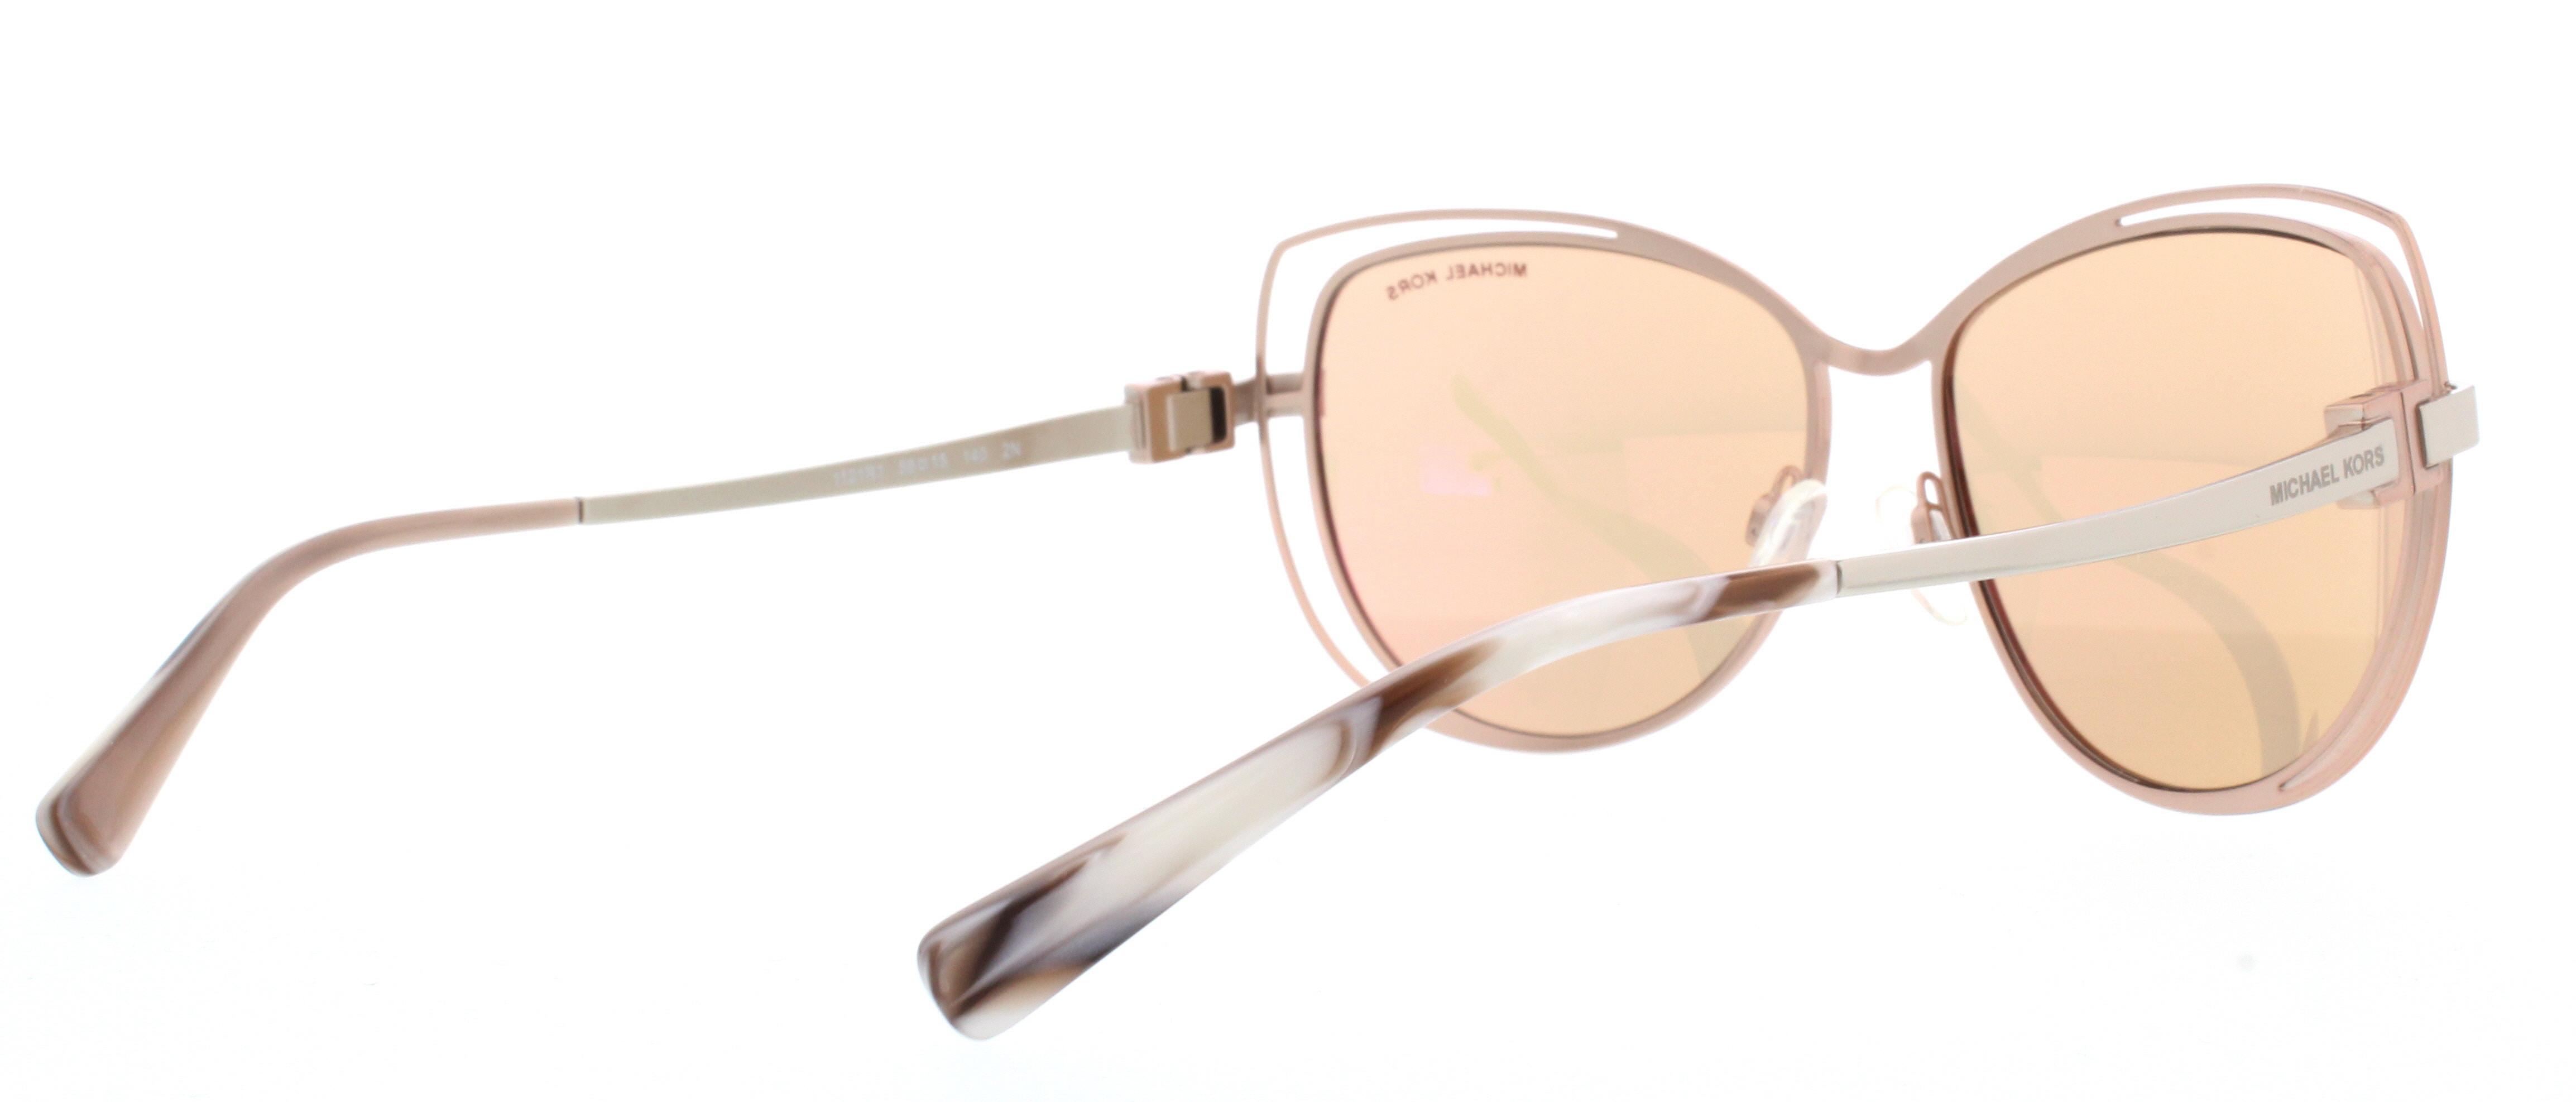 65e878ab6e8 Picture of Michael Kors Sunglasses MK1013 Audrina I